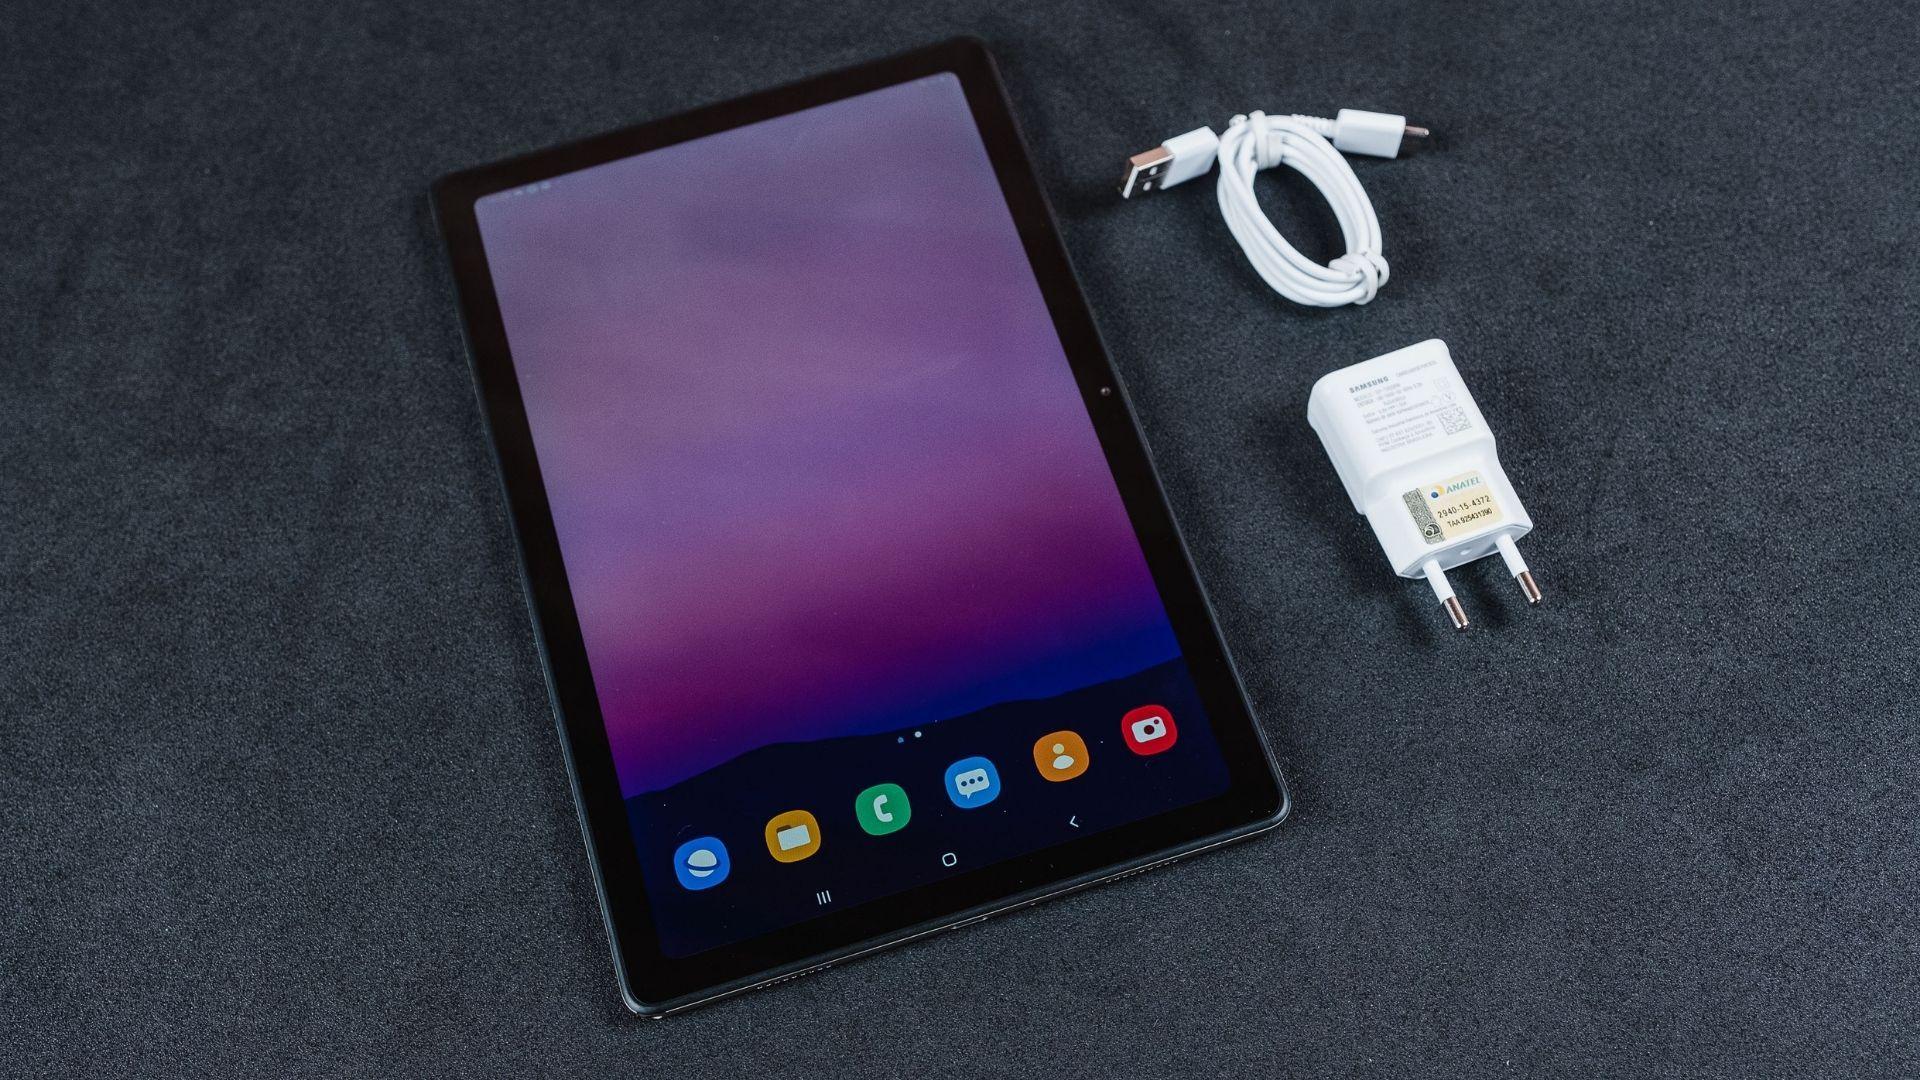 Galaxy Tab A7 com tela acesa em fundo cinza, ao lado do cabo e adaptador de tomada